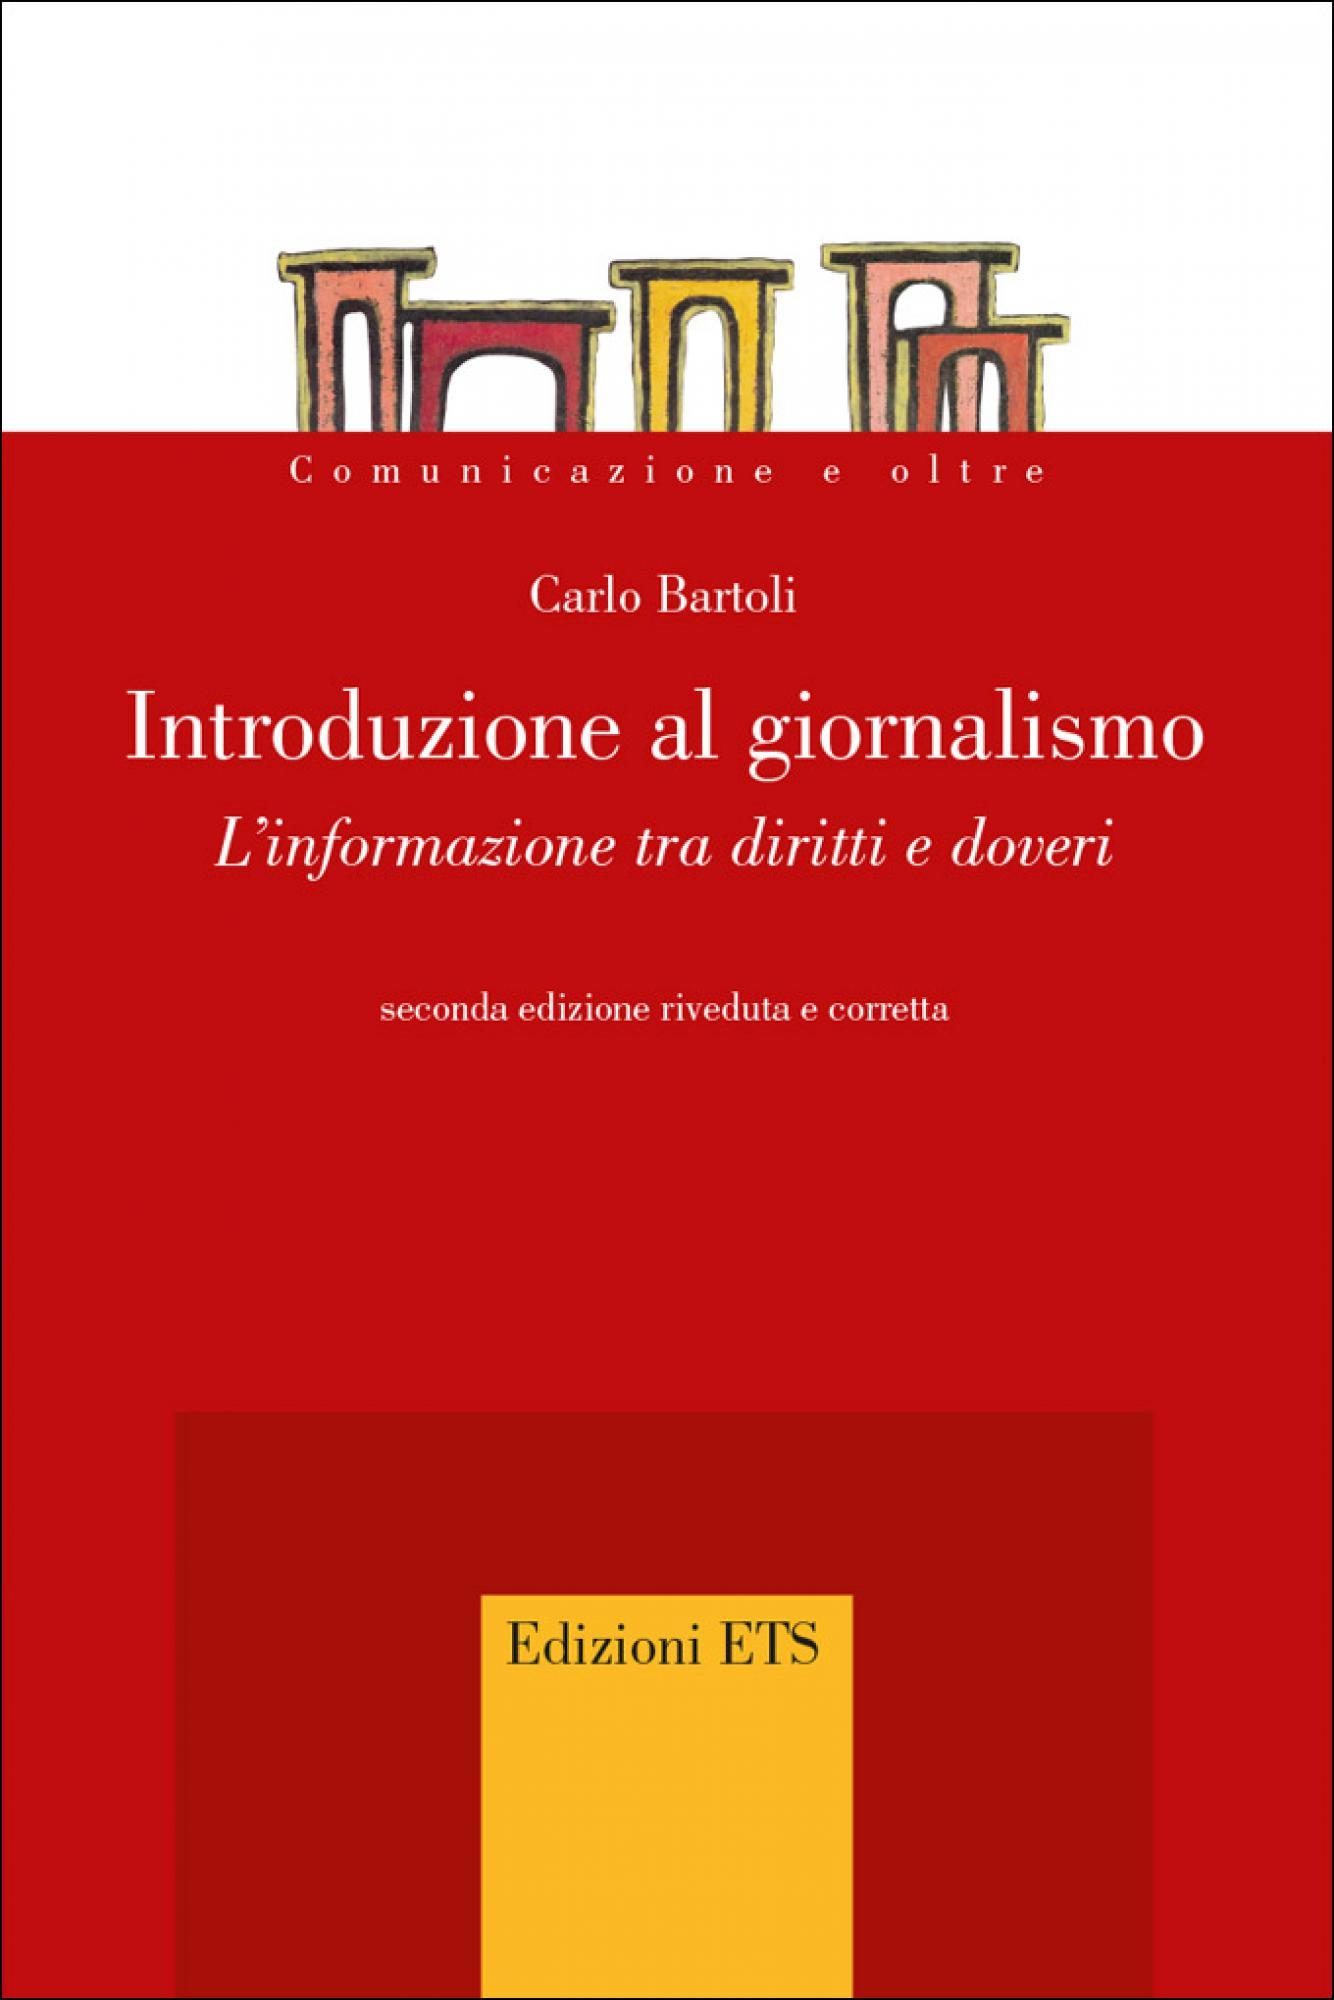 Introduzione al giornalismo carlo bartoli ed ets for Convivenza diritti e doveri